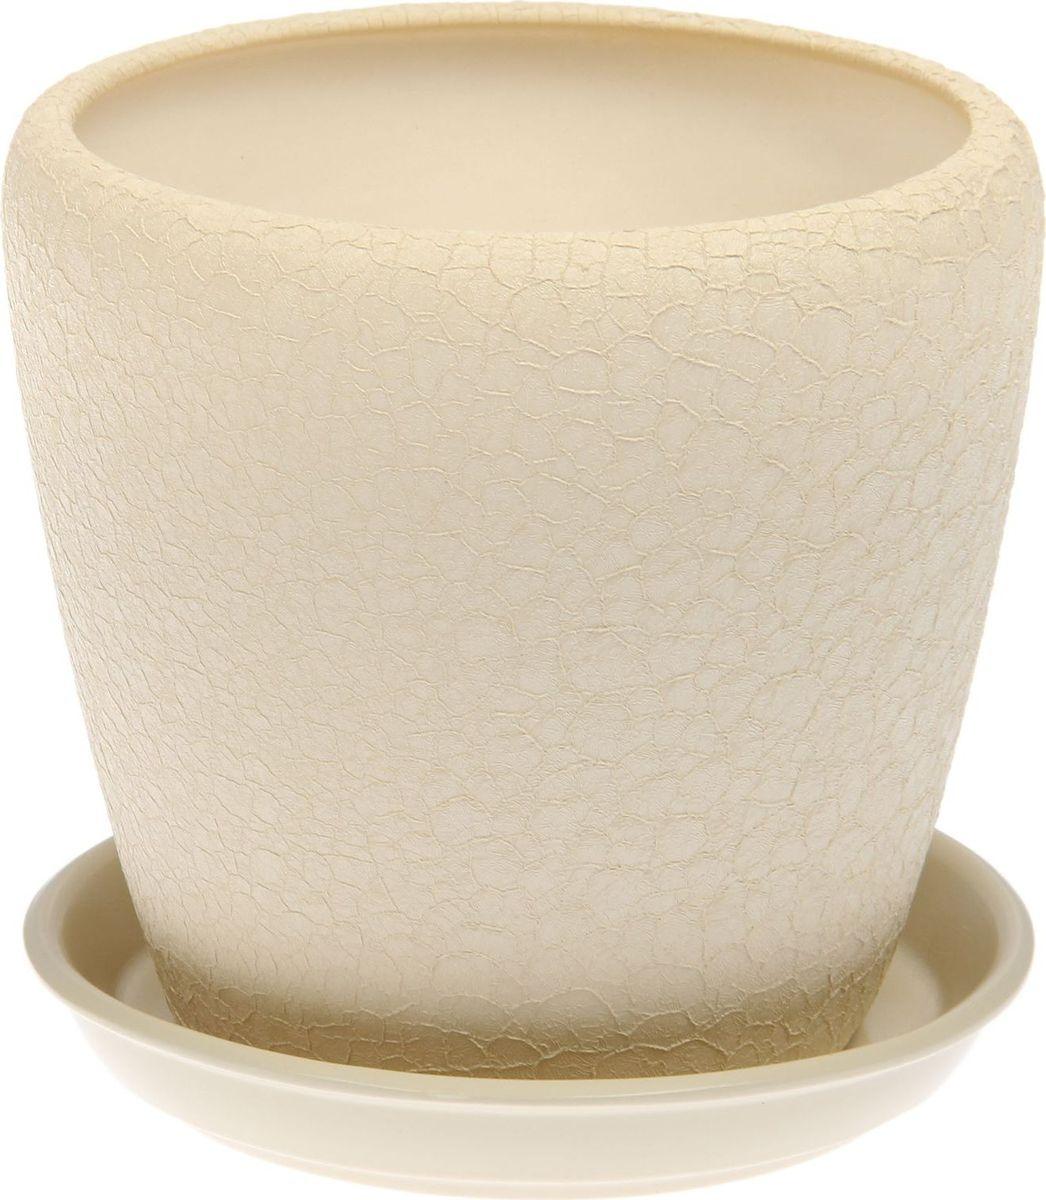 Кашпо Керамика ручной работы Грация, цвет: бежевый, 4,5 л1489688Комнатные растения — всеобщие любимцы. Они радуют глаз, насыщают помещение кислородом и украшают пространство. Каждому из них необходим свой удобный и красивый дом. Кашпо из керамики прекрасно подходят для высадки растений: за счет пластичности глины и разных способов обработки существует великое множество форм и дизайнов пористый материал позволяет испаряться лишней влаге воздух, необходимый для дыхания корней, проникает сквозь керамические стенки! позаботится о зеленом питомце, освежит интерьер и подчеркнет его стиль.